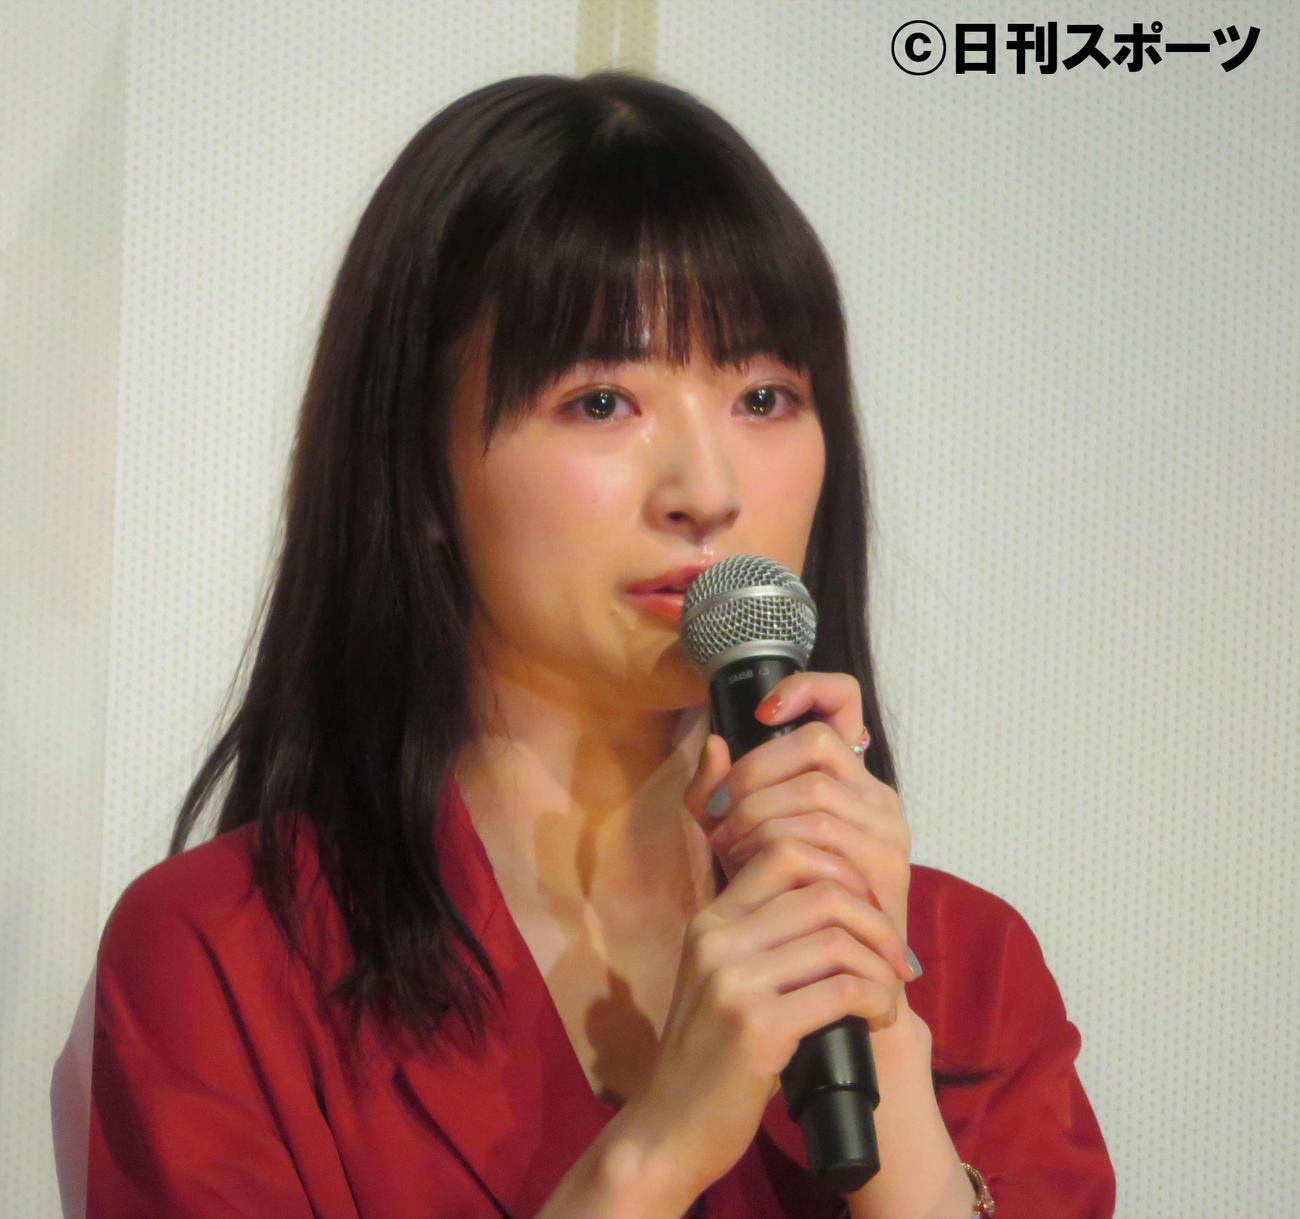 舞台あいさつに出席した優希美青(撮影・三須佳夏)